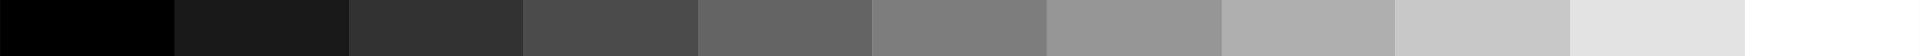 linaritate tonuri - webinar gestiune de culoare